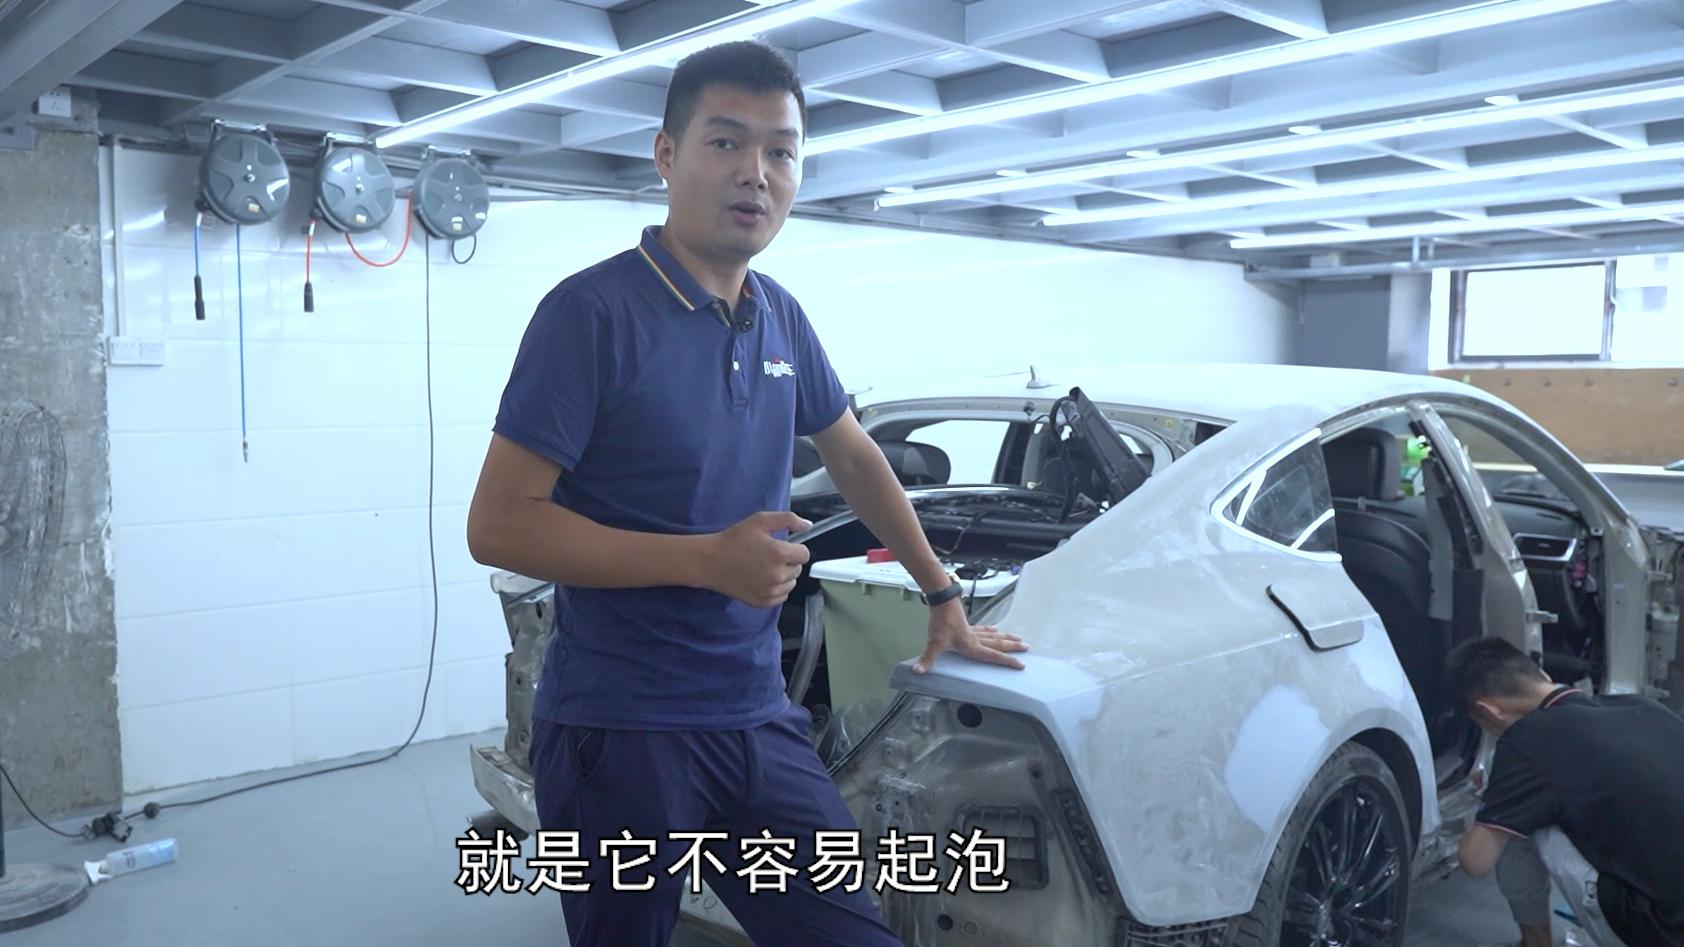 揭秘事故车维修翻新过程,结尾告诉你这样修车,选车的颜色不吃亏